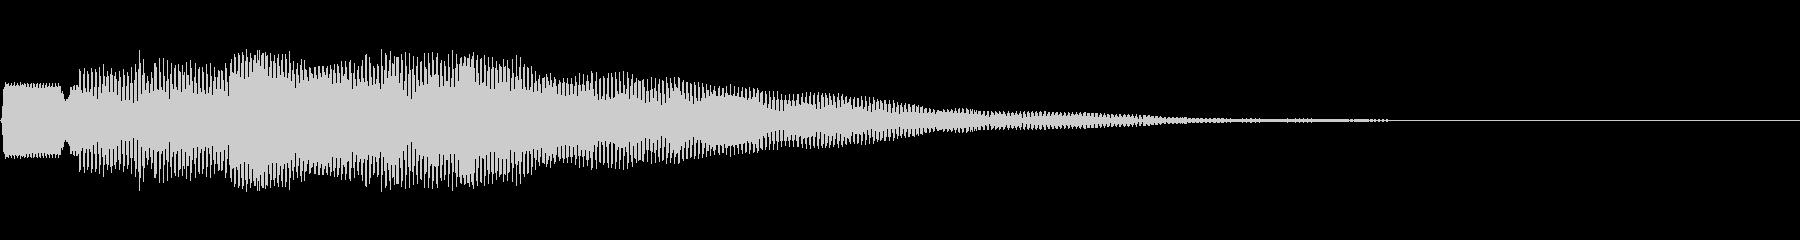 テュルル:アナウンス・呼び出し・案内の未再生の波形